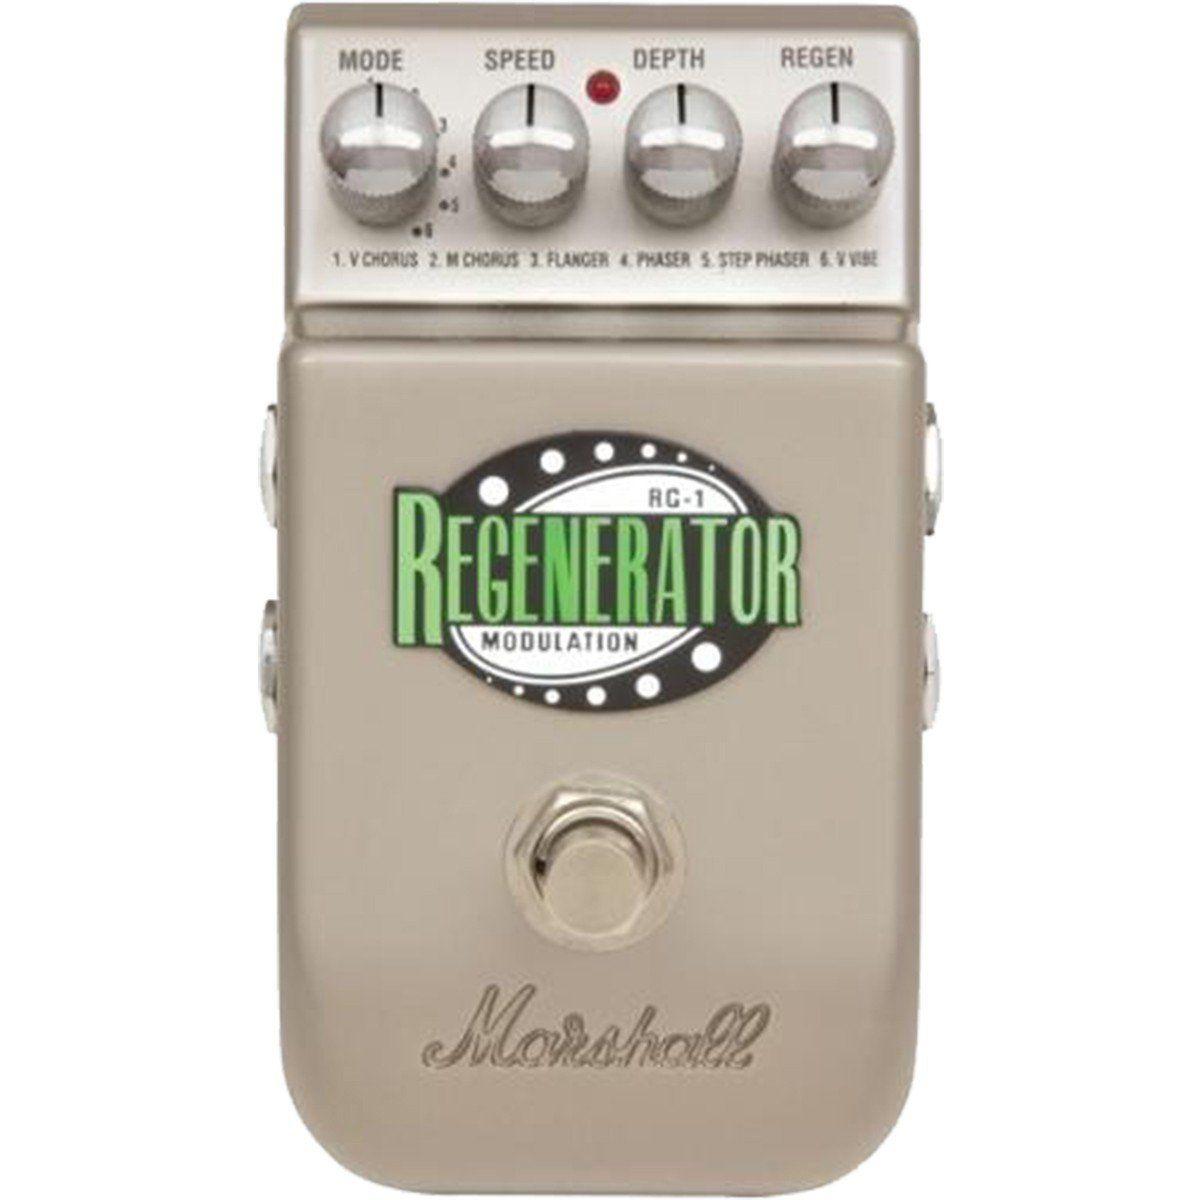 Marshall PEDL-10036 RG-1 Regenerator Pedal para Guitarra com Chorus Flanger e Phaser